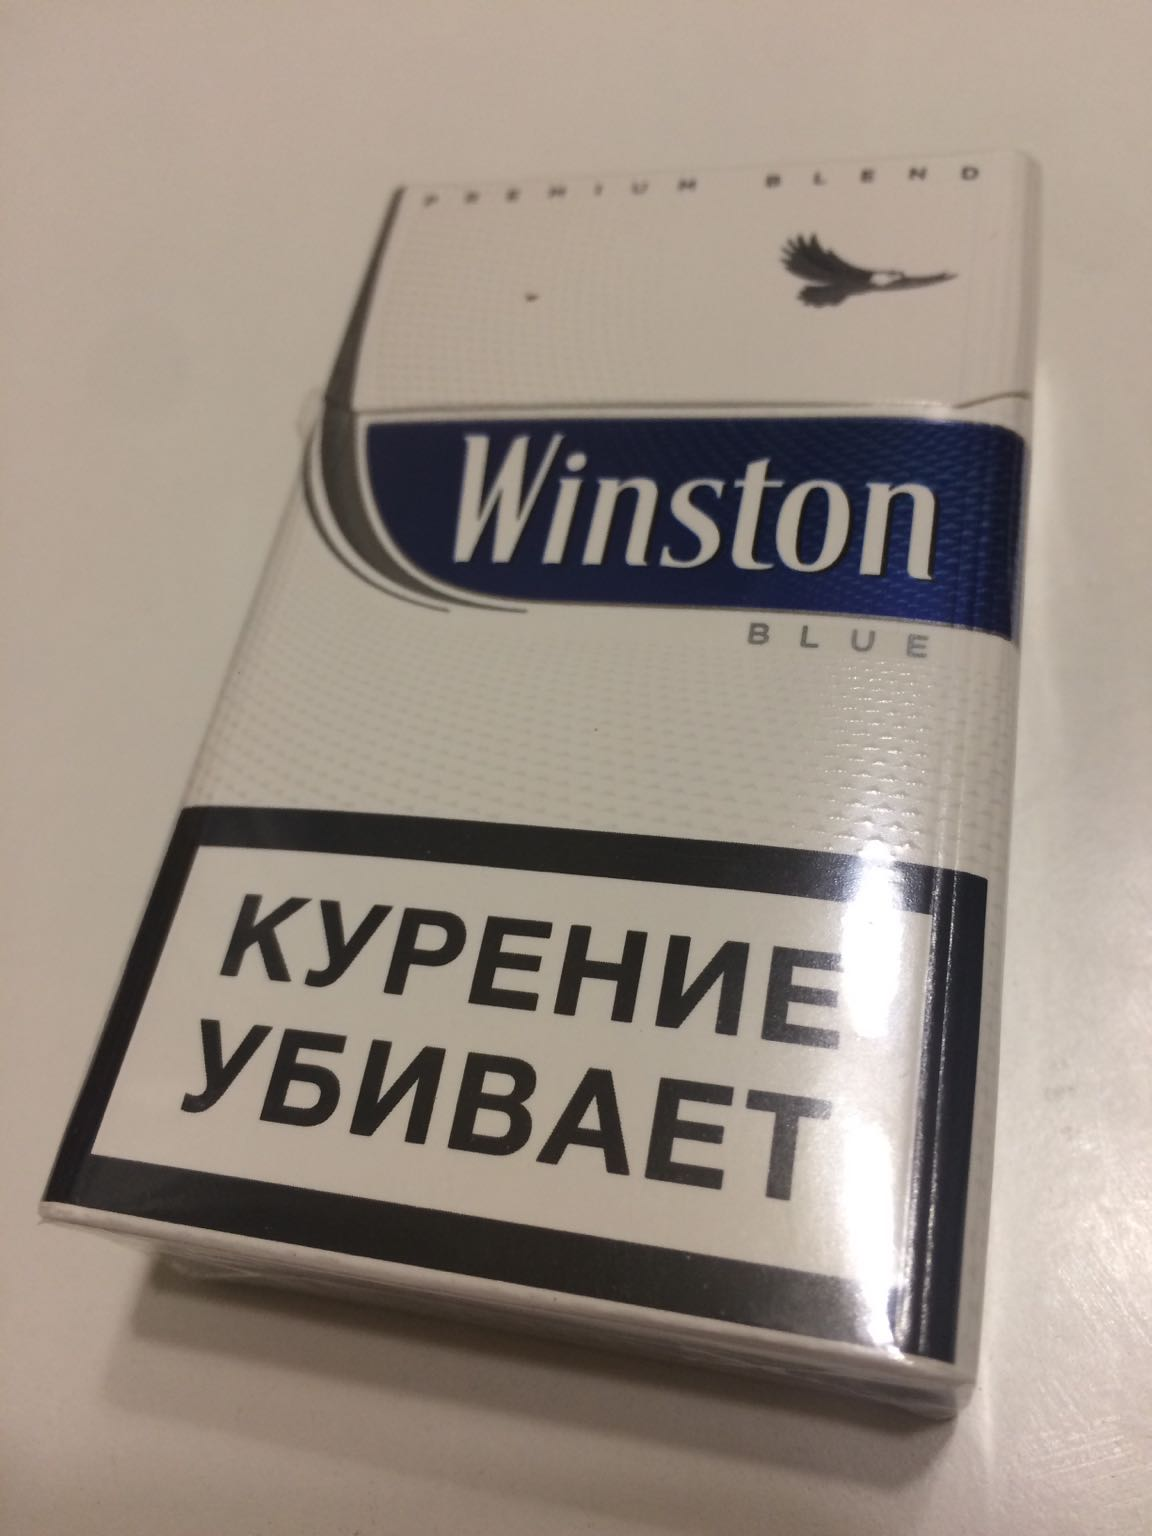 Апреля приколы, картинки сигареты винстон